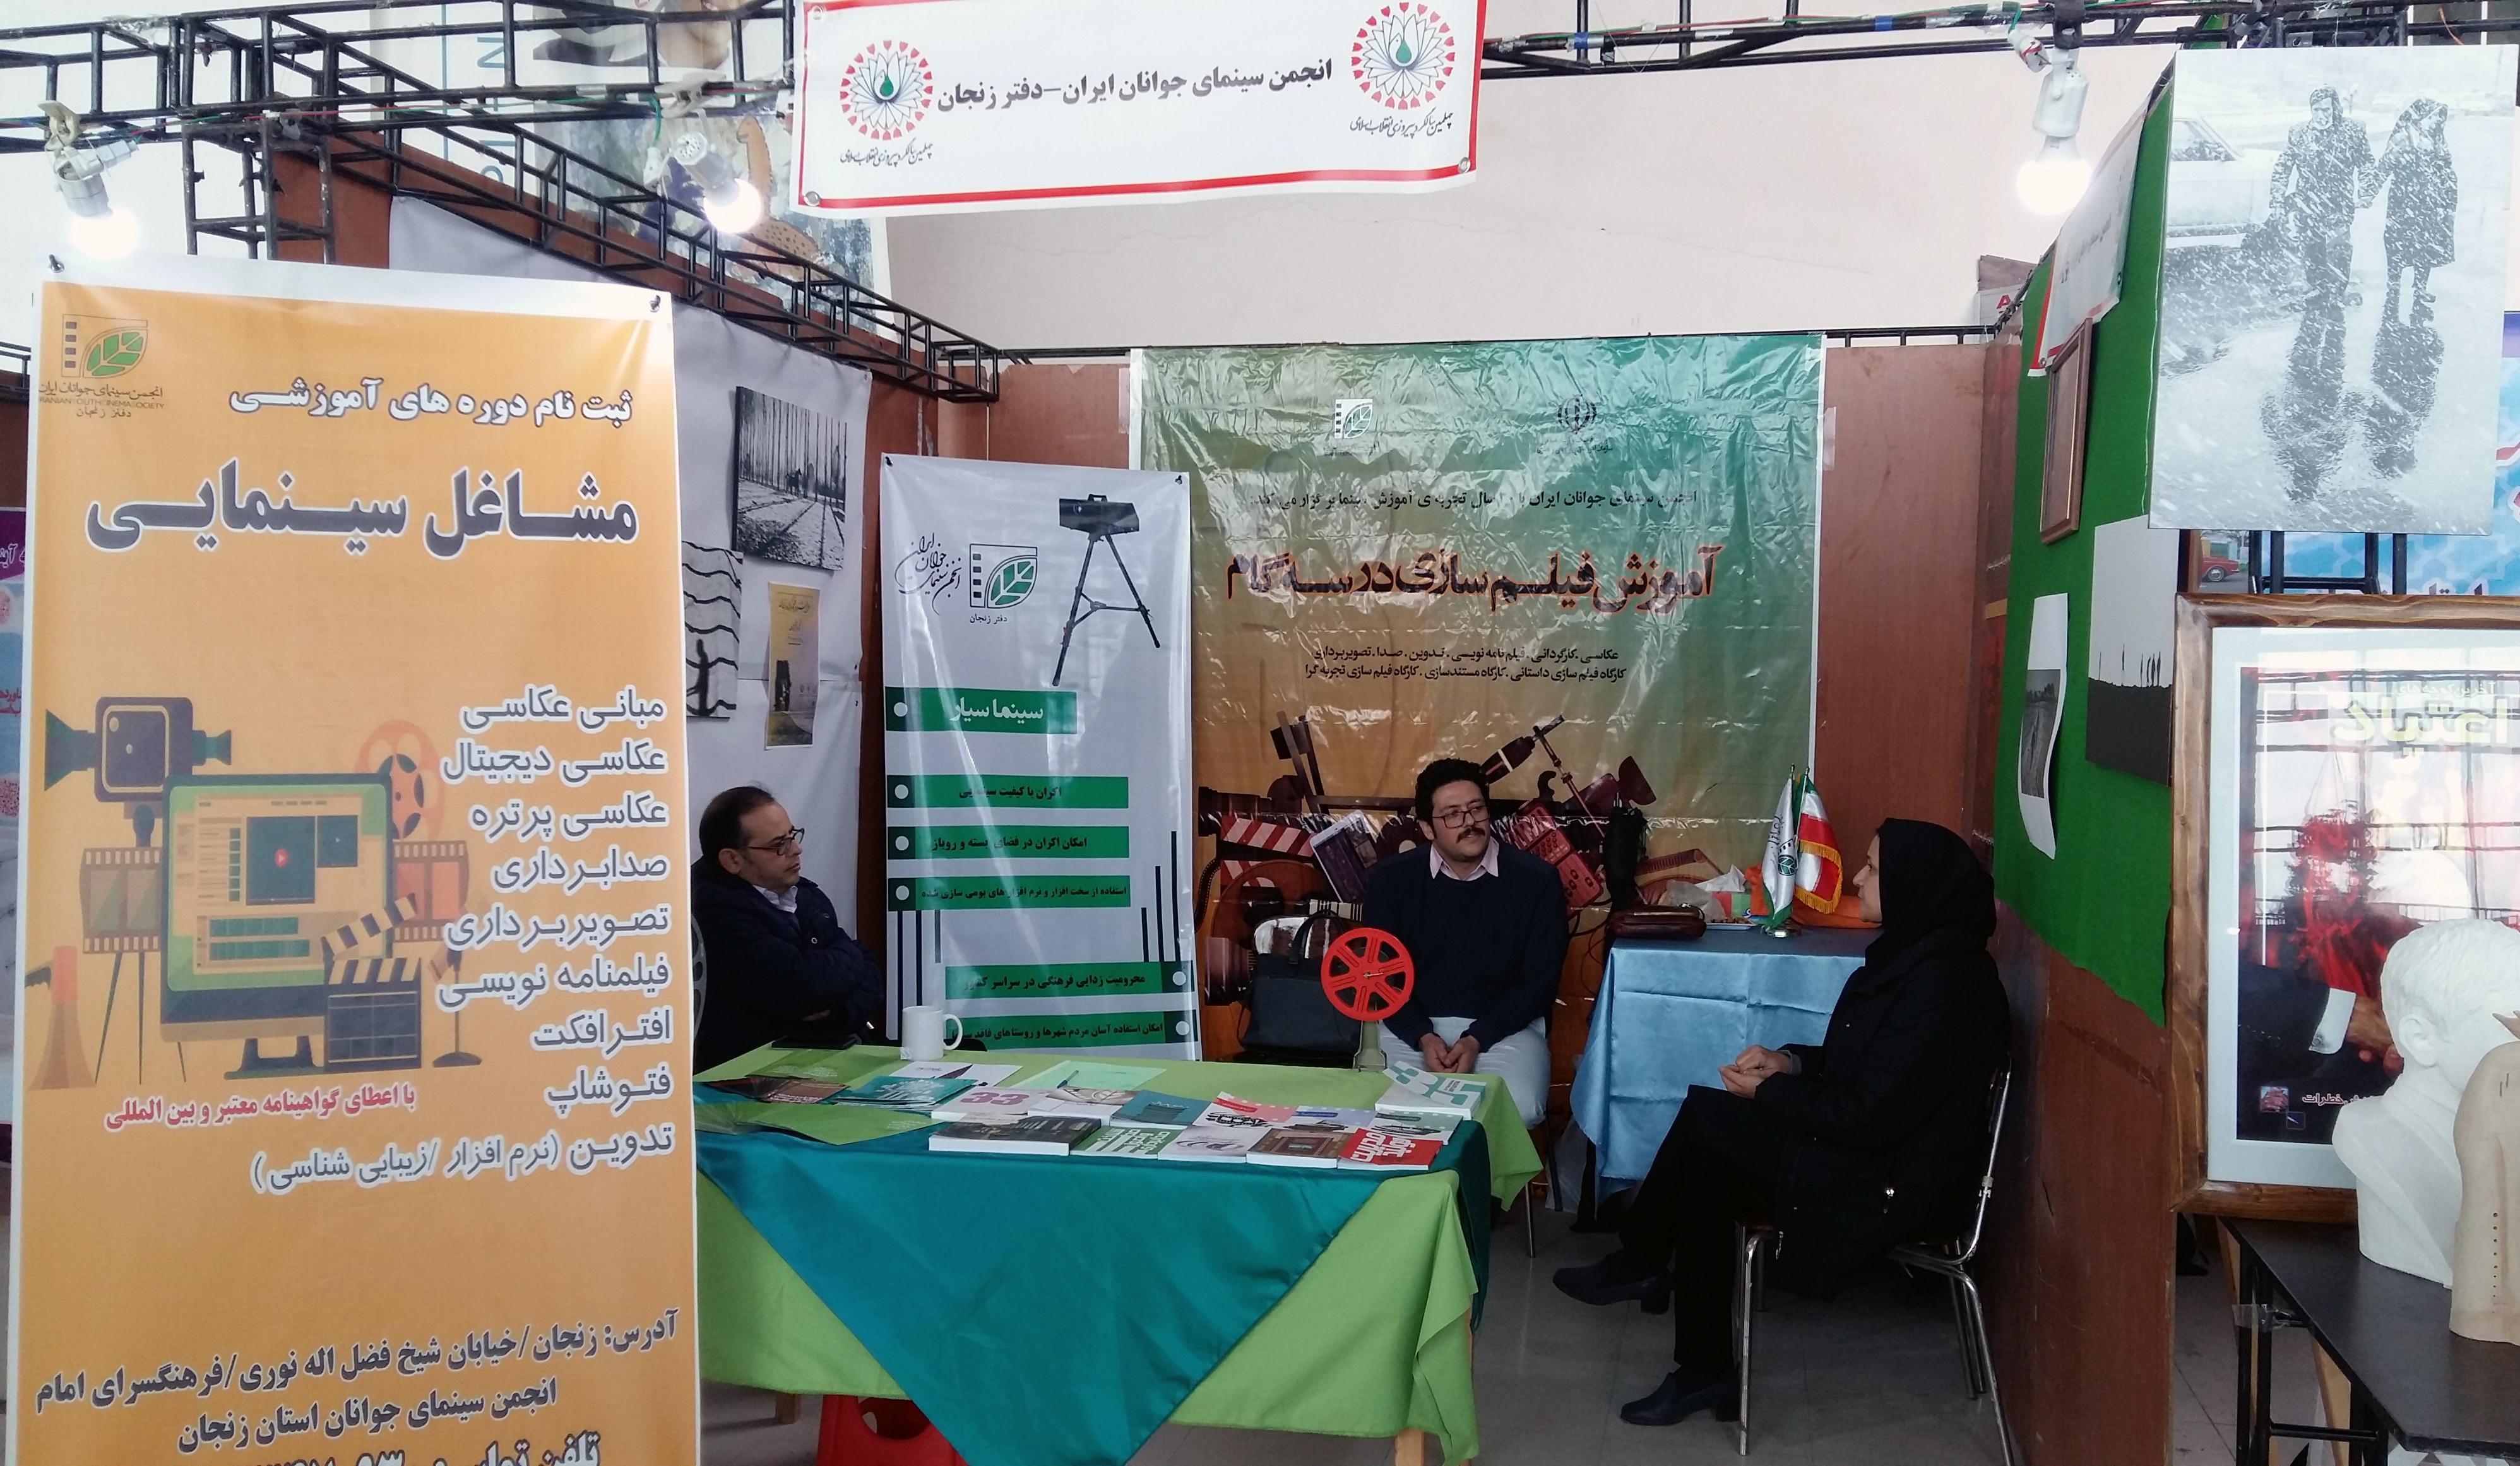 افتتاح غرفه انجمن سینمای جوانان زنجان درمحل دائمی نمایشگاه های بینالمللی کاسپین